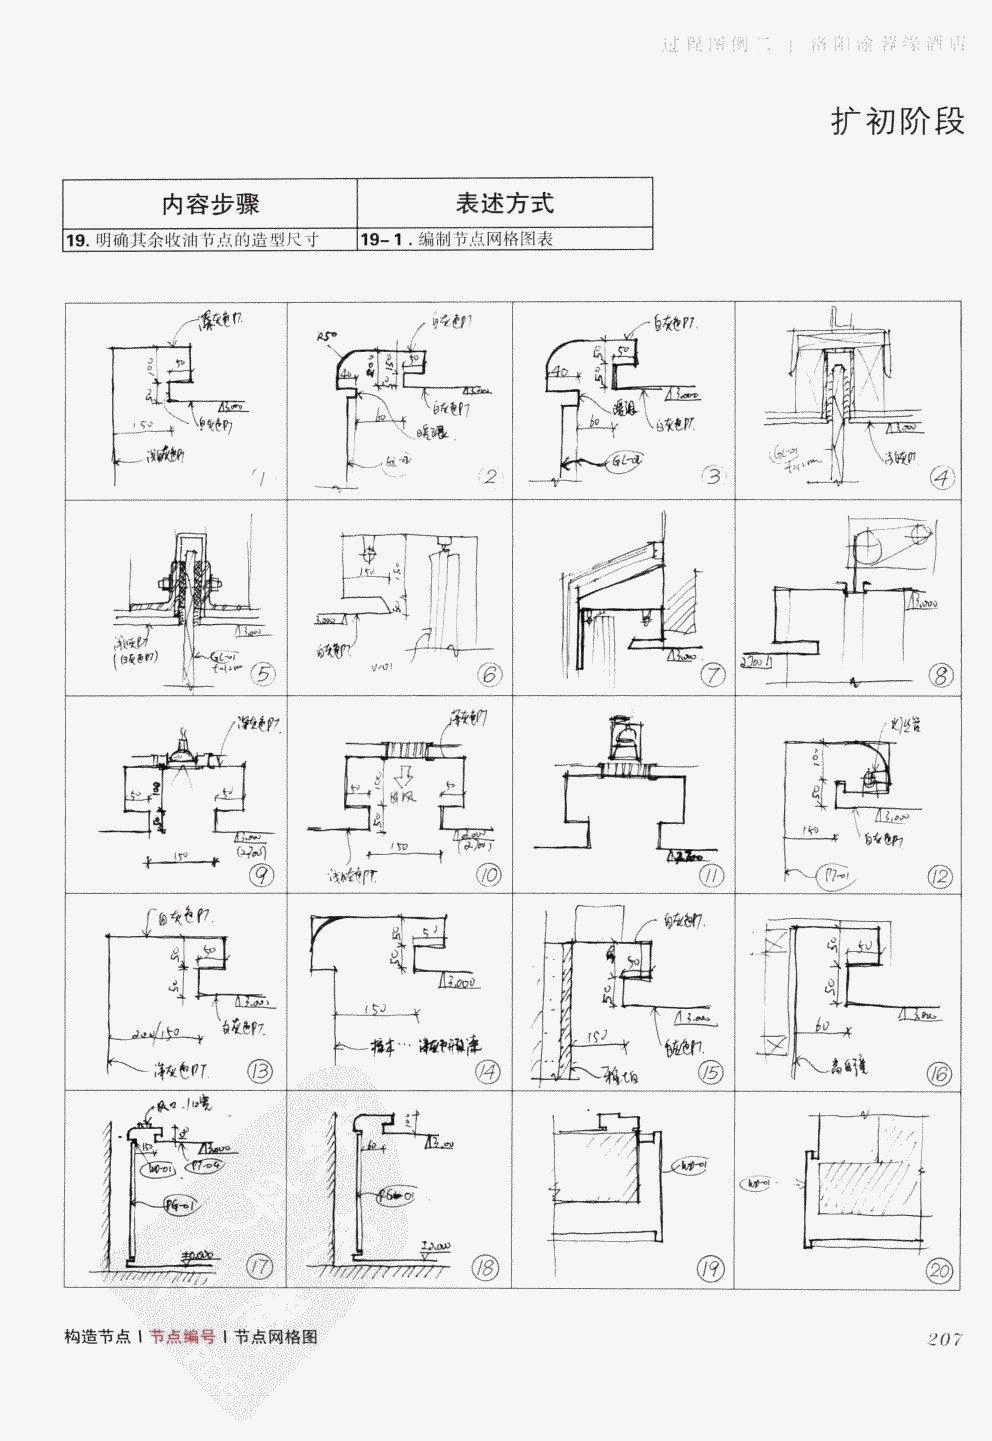 室内设计纲要++概念思考与过程表达_室内设计纲要  概念思考与过程表达_1297982..._页面_215.jpg